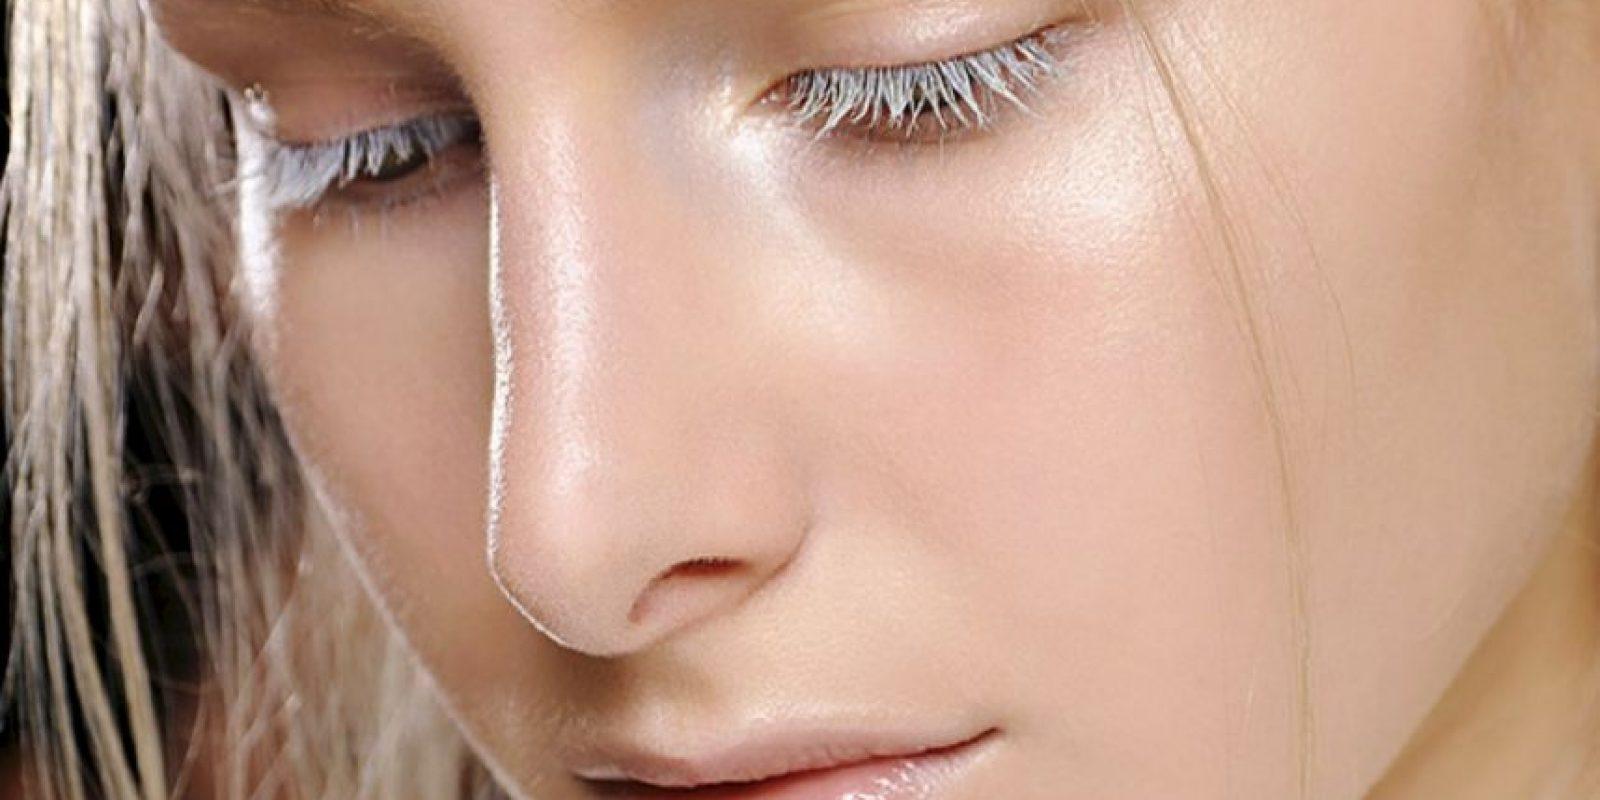 Toro recomienda el strobing, técnica que ha reemplazado poco a poco la impuesta por Kim Kardashian. Se usan productos más ligeros. La idea es dejar la piel natural y sana, con énfasis en la luz y no en los rasgos. Foto:vía Fashion Radicals